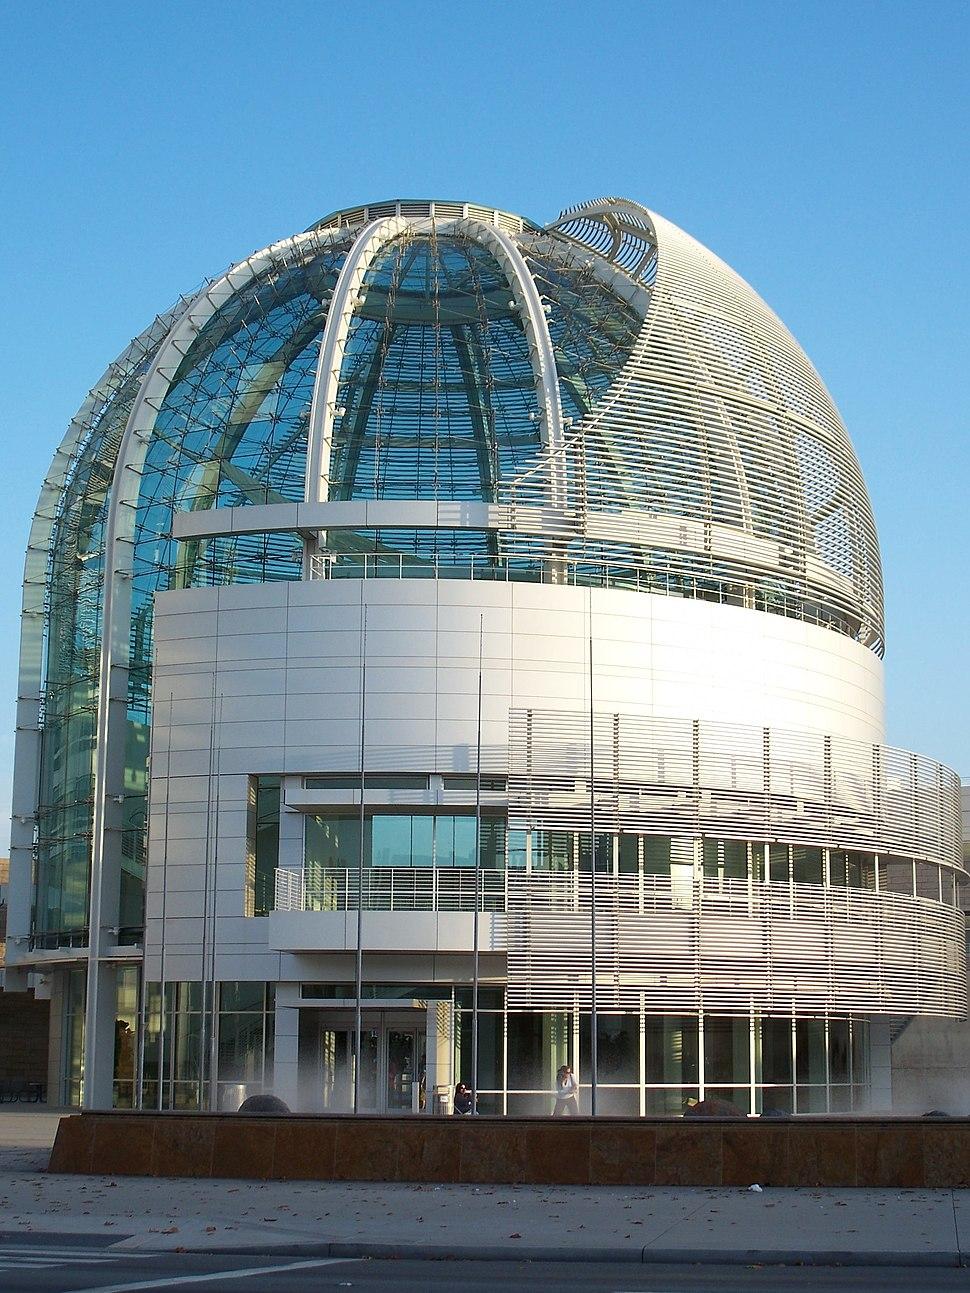 USA-San Jose-City Hall-Rotunda-3 (cropped)